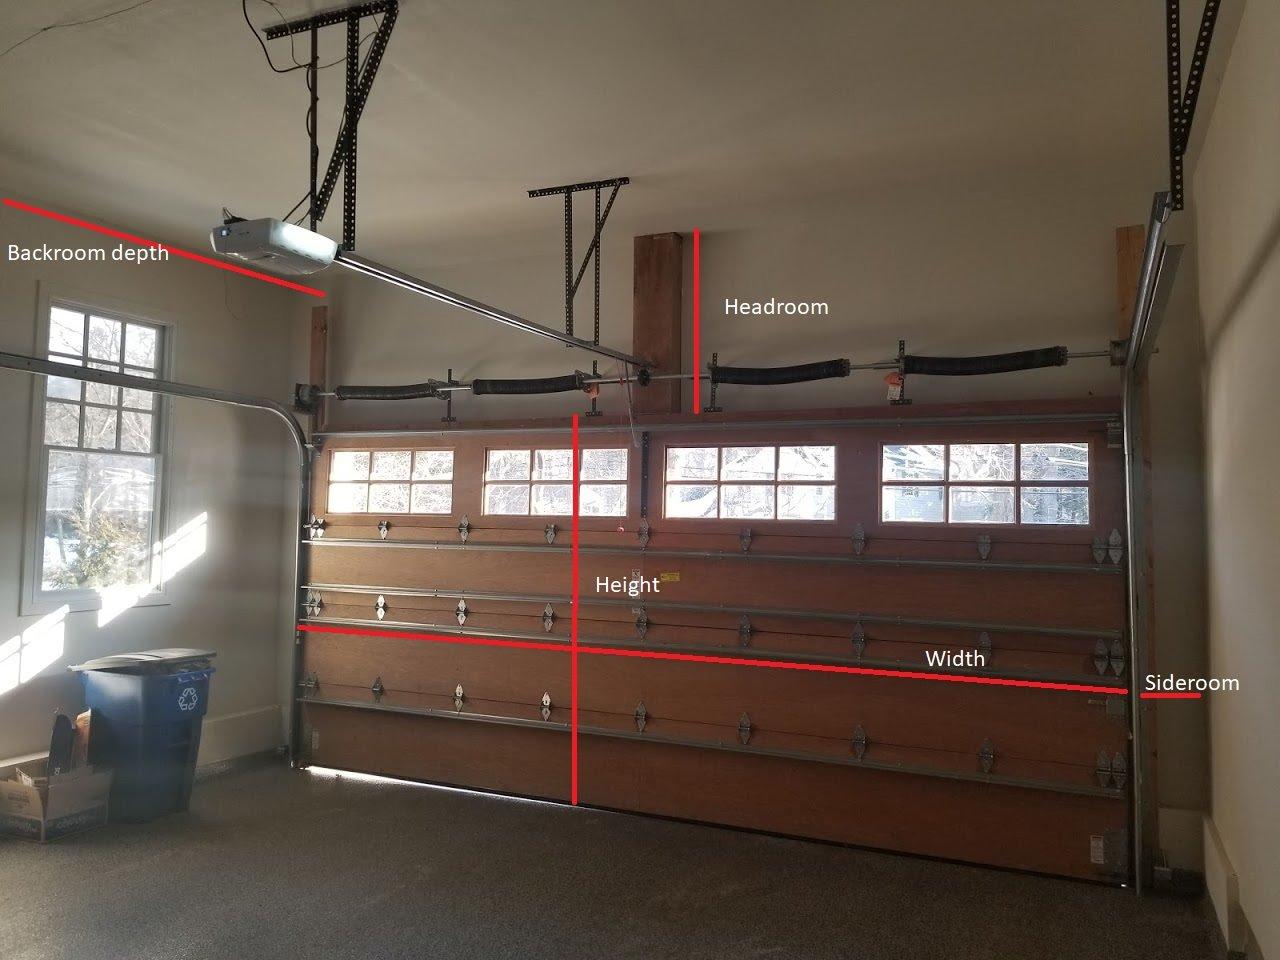 What is garage door headroom; Headroom, height, width, sideroom, backroom depth; garage door installation